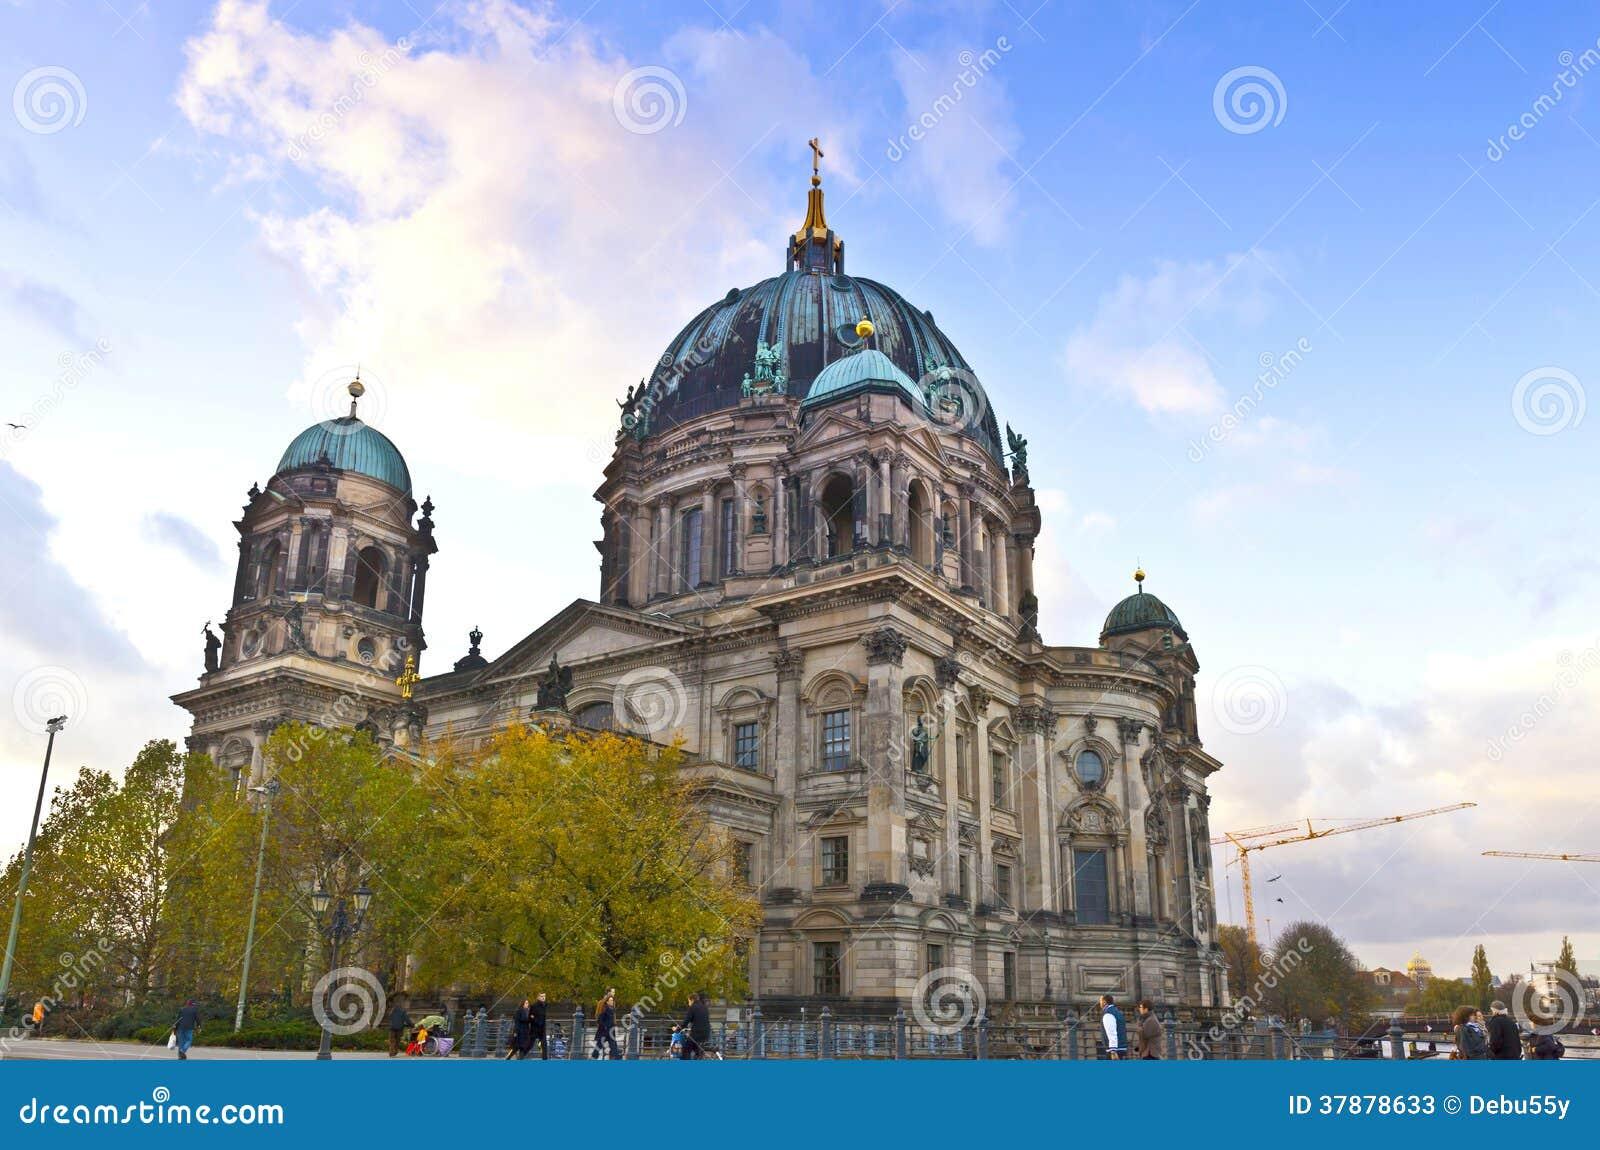 Berlin Cathedral (Berliner Dom), Berlijn, Duitsland